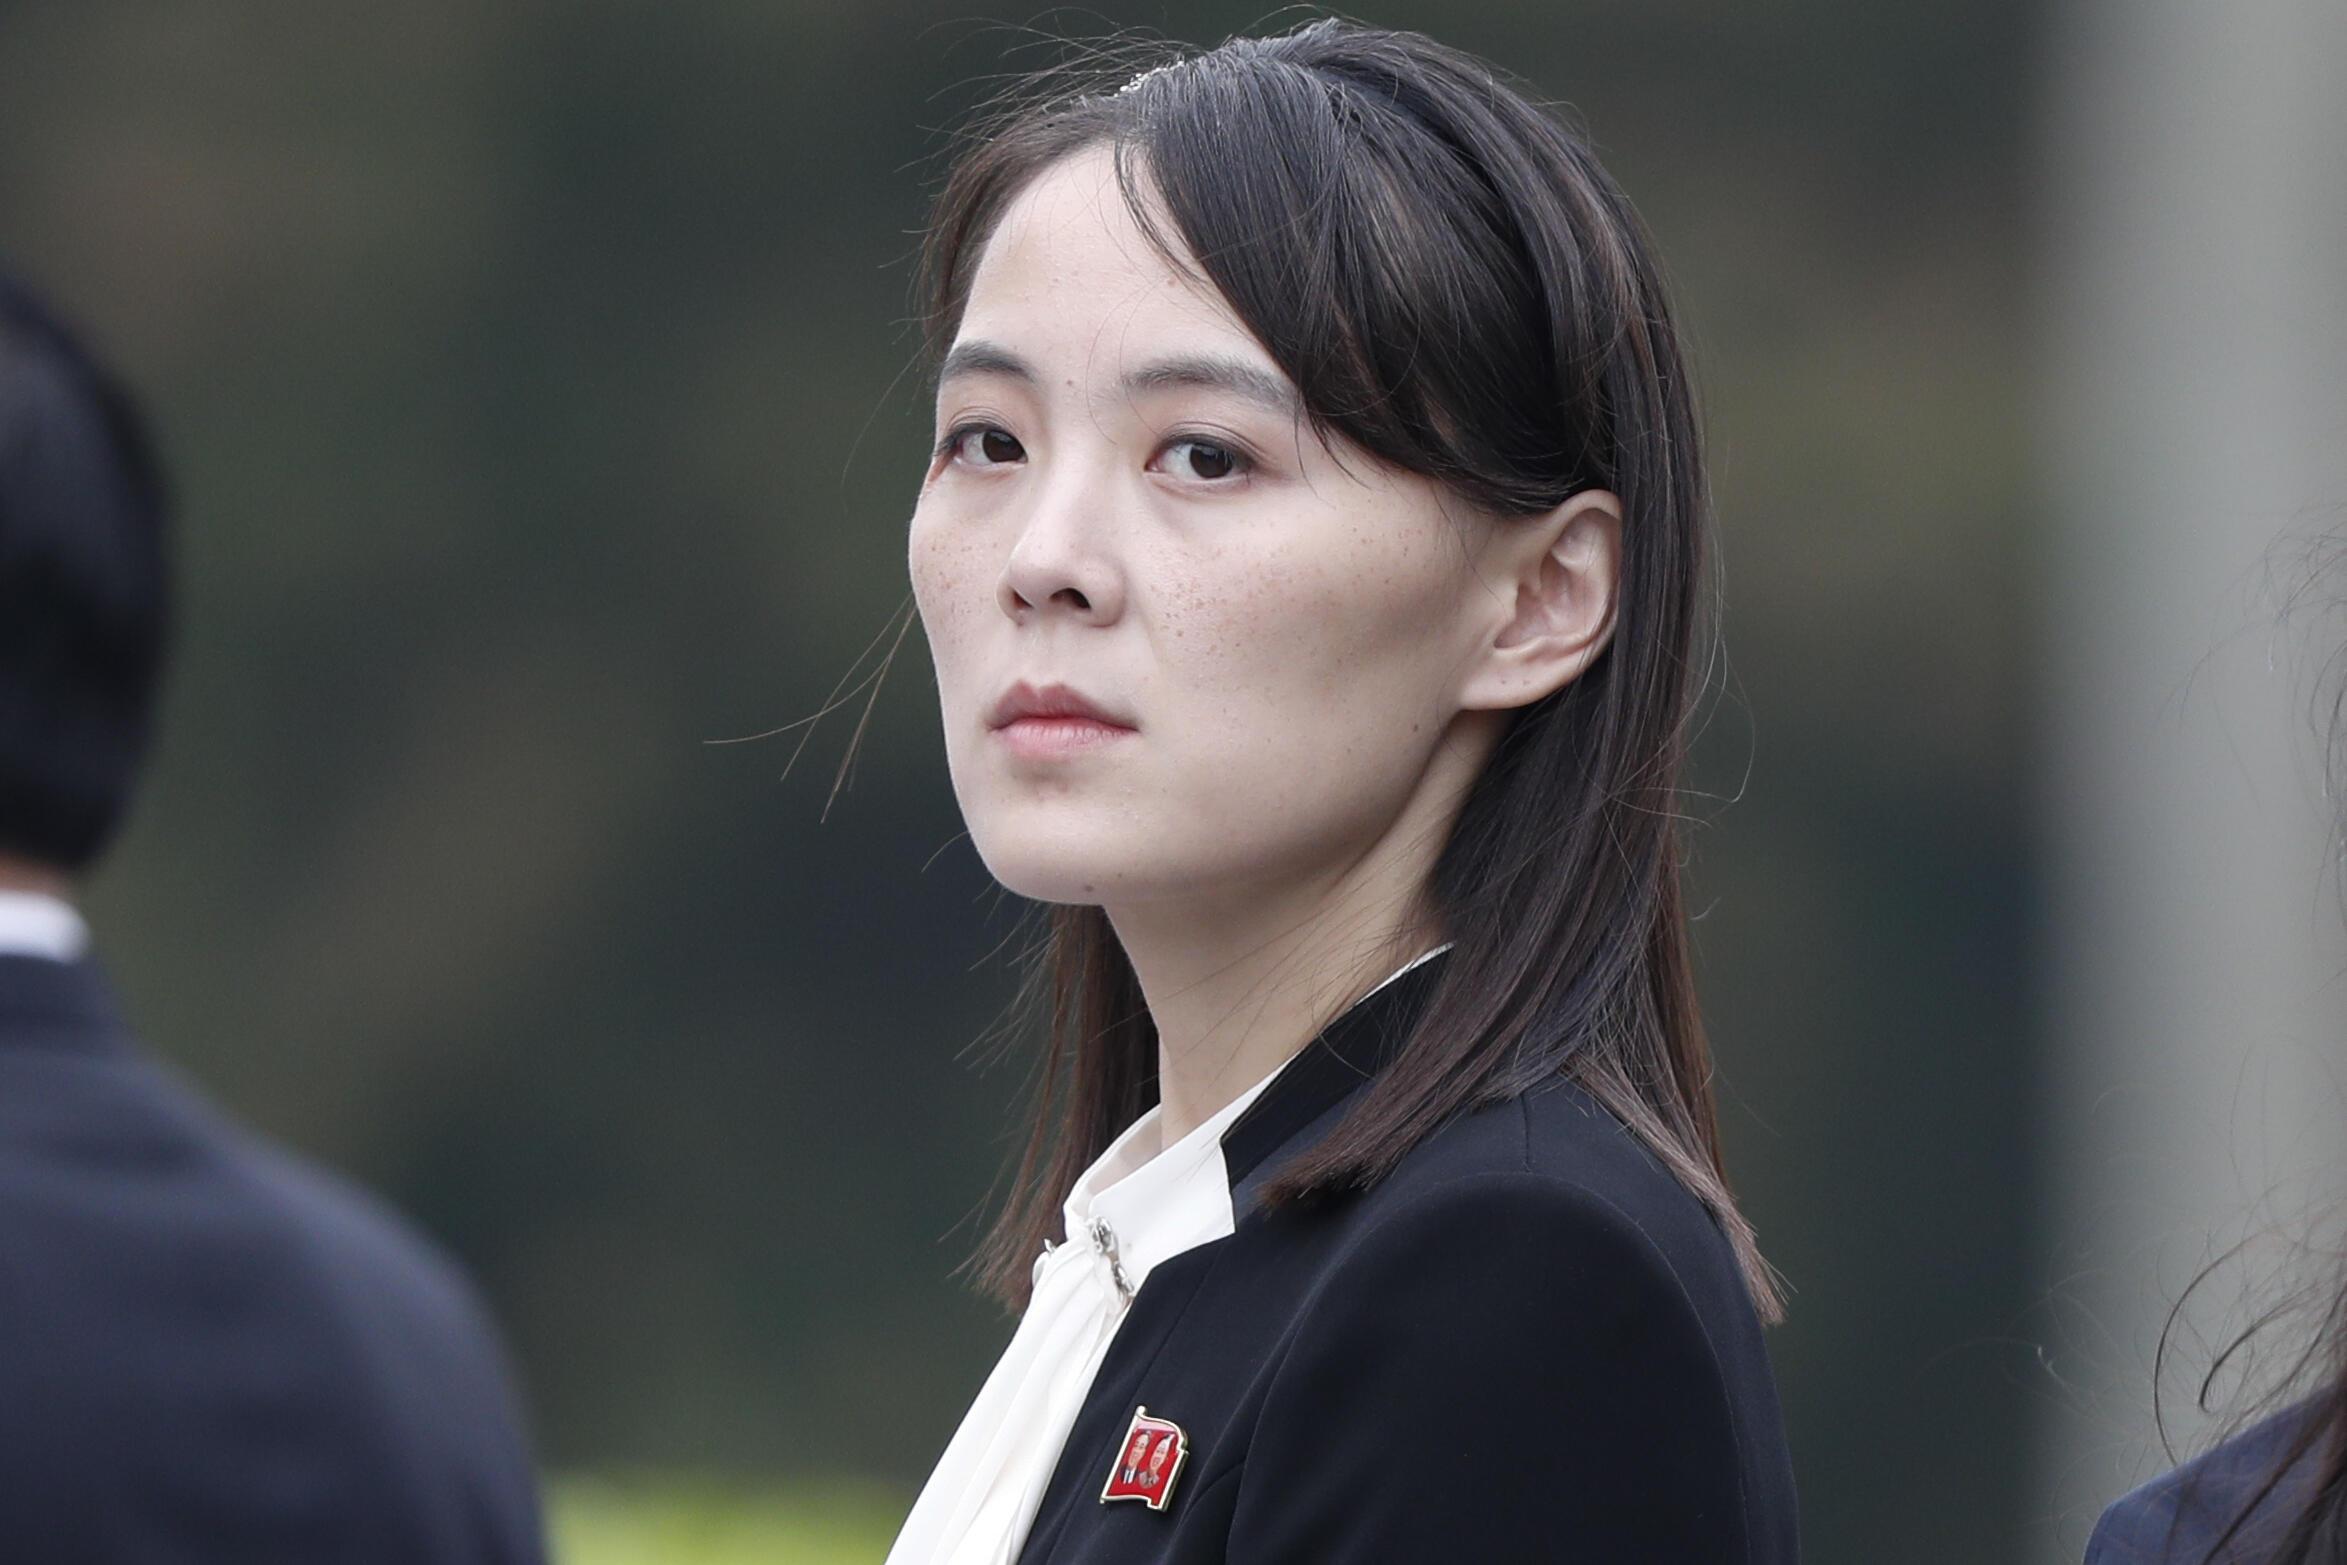 Kim Yo Jong ha sido durante mucho tiempo uno de los asesores más influyentes de su hermano y una de las mujeres más poderosas de Corea del Norte, pero su perfil público está creciendo rápidamente desde que ha surgido como una potencial sucesora de Kim Jon Un. Foto del 2 de marzo de 2019